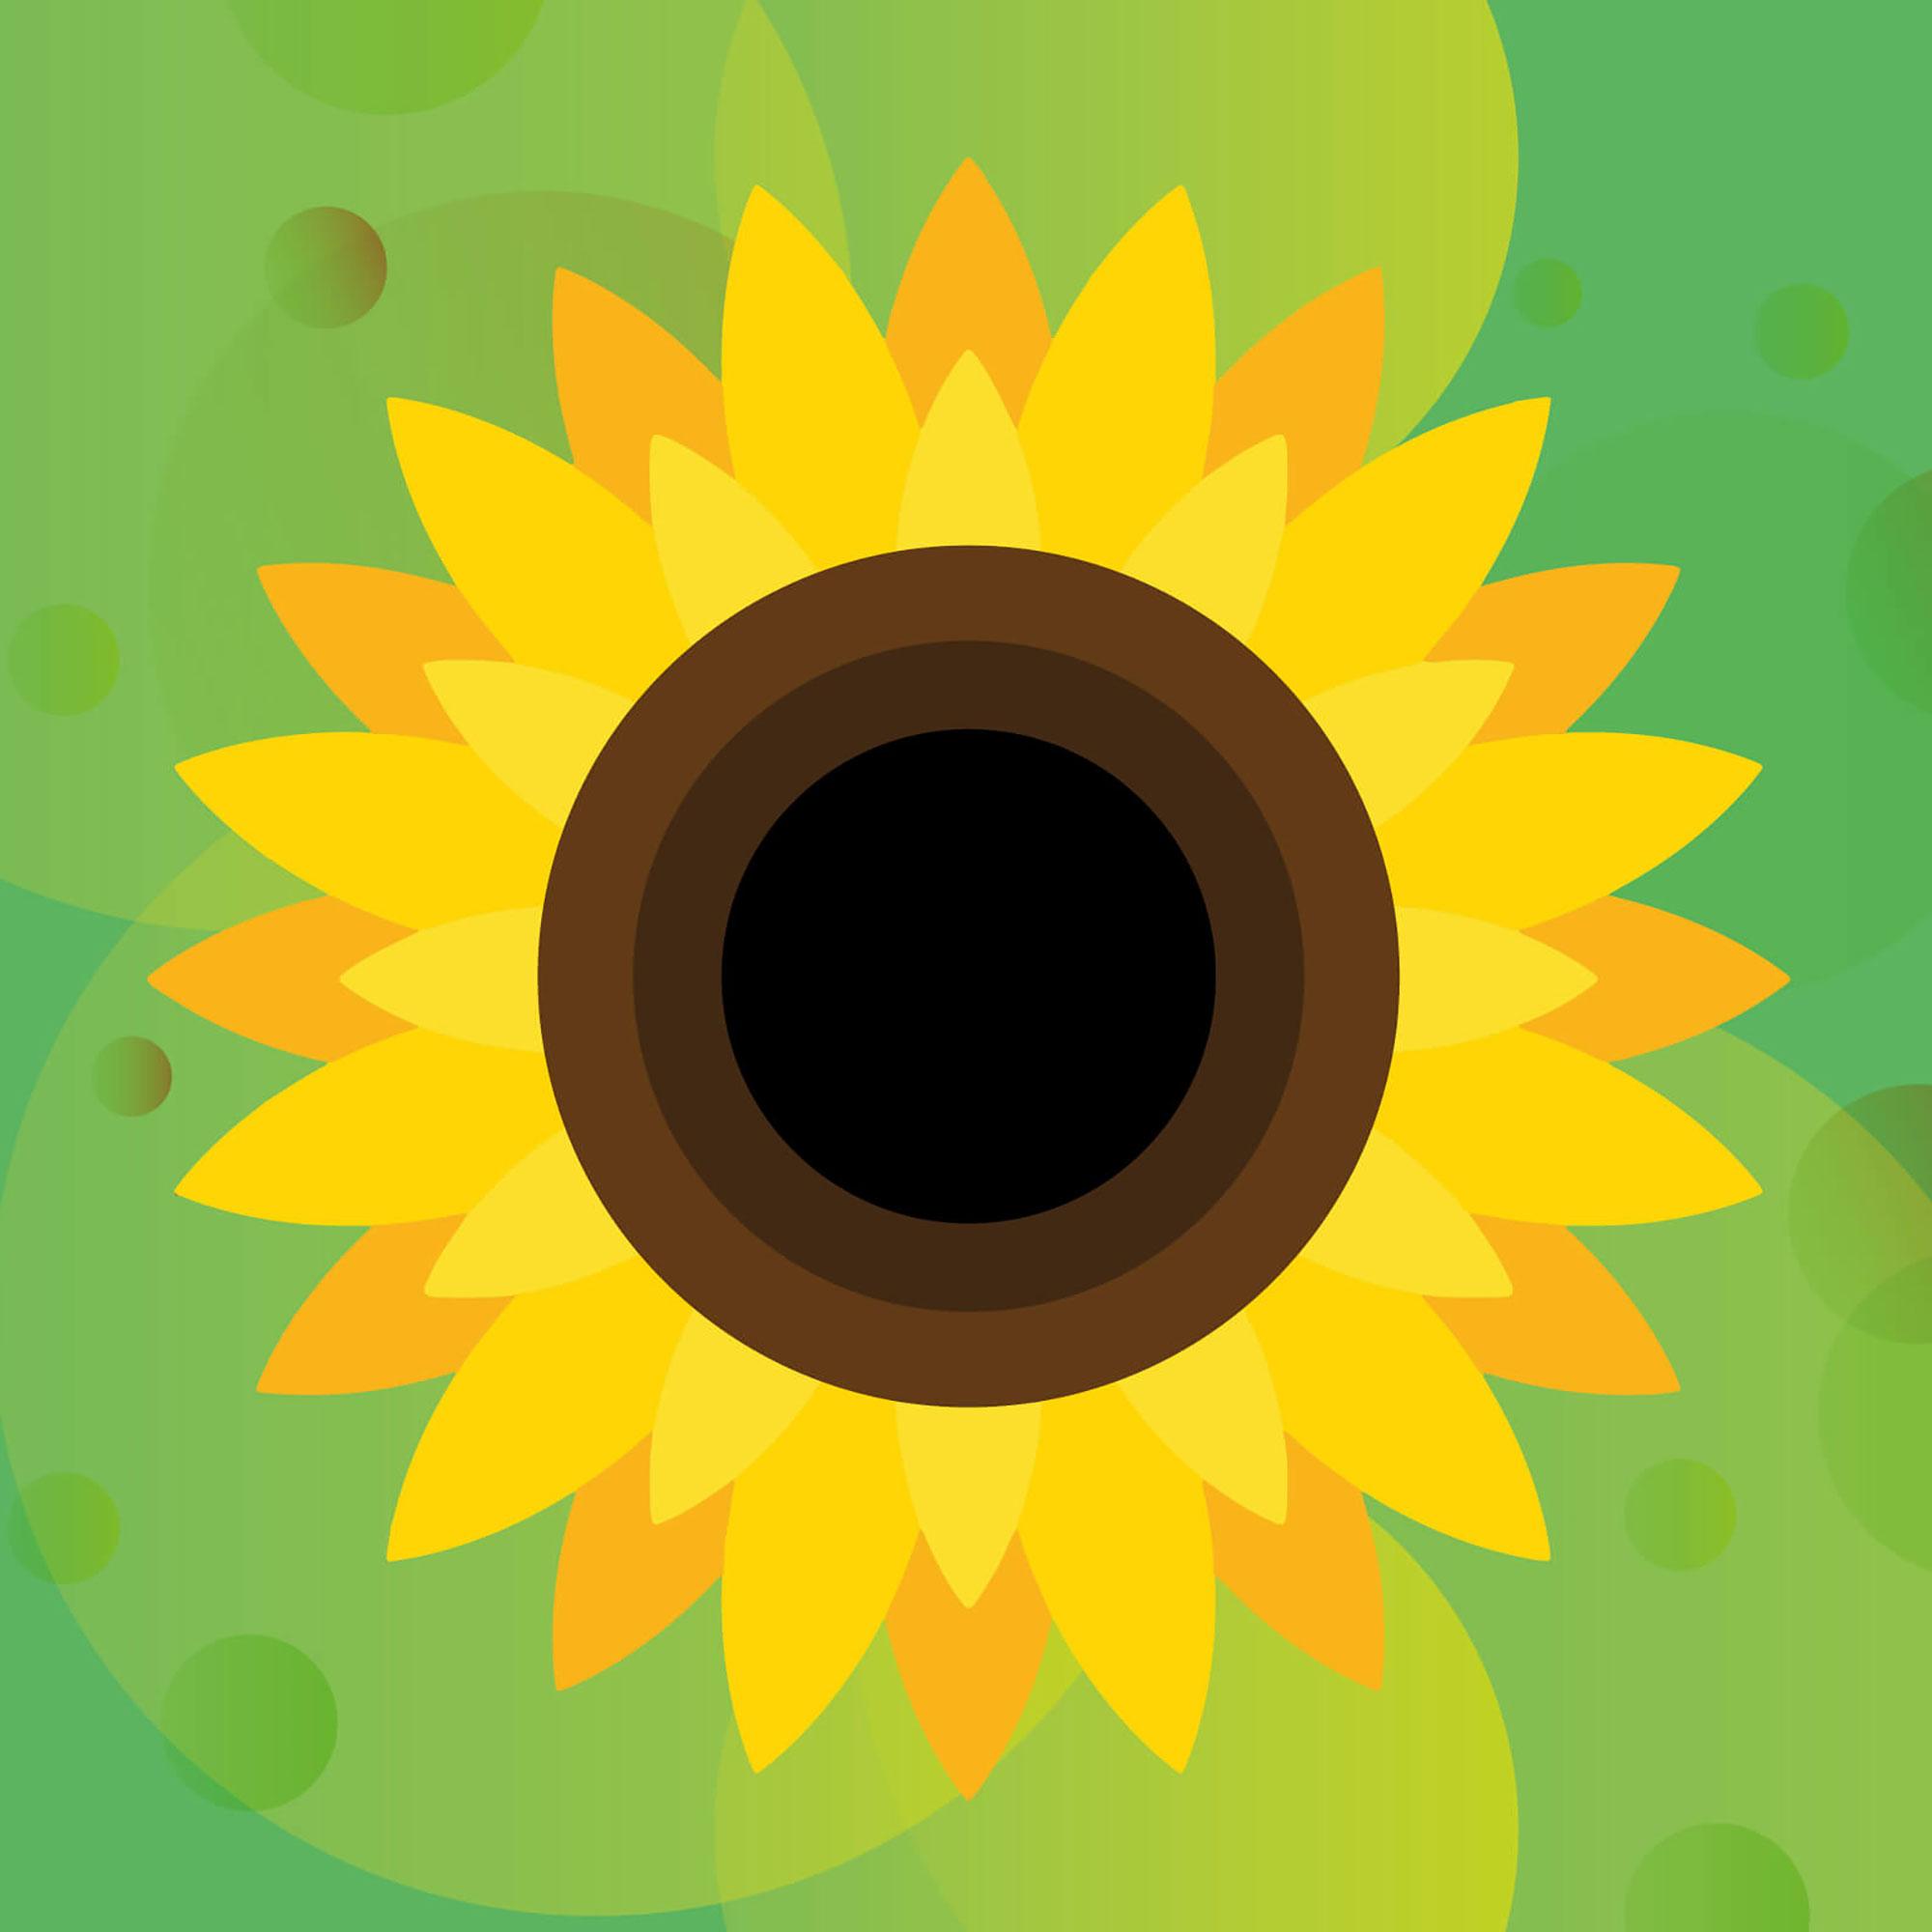 Yellow sunflower representing hidden disabilities